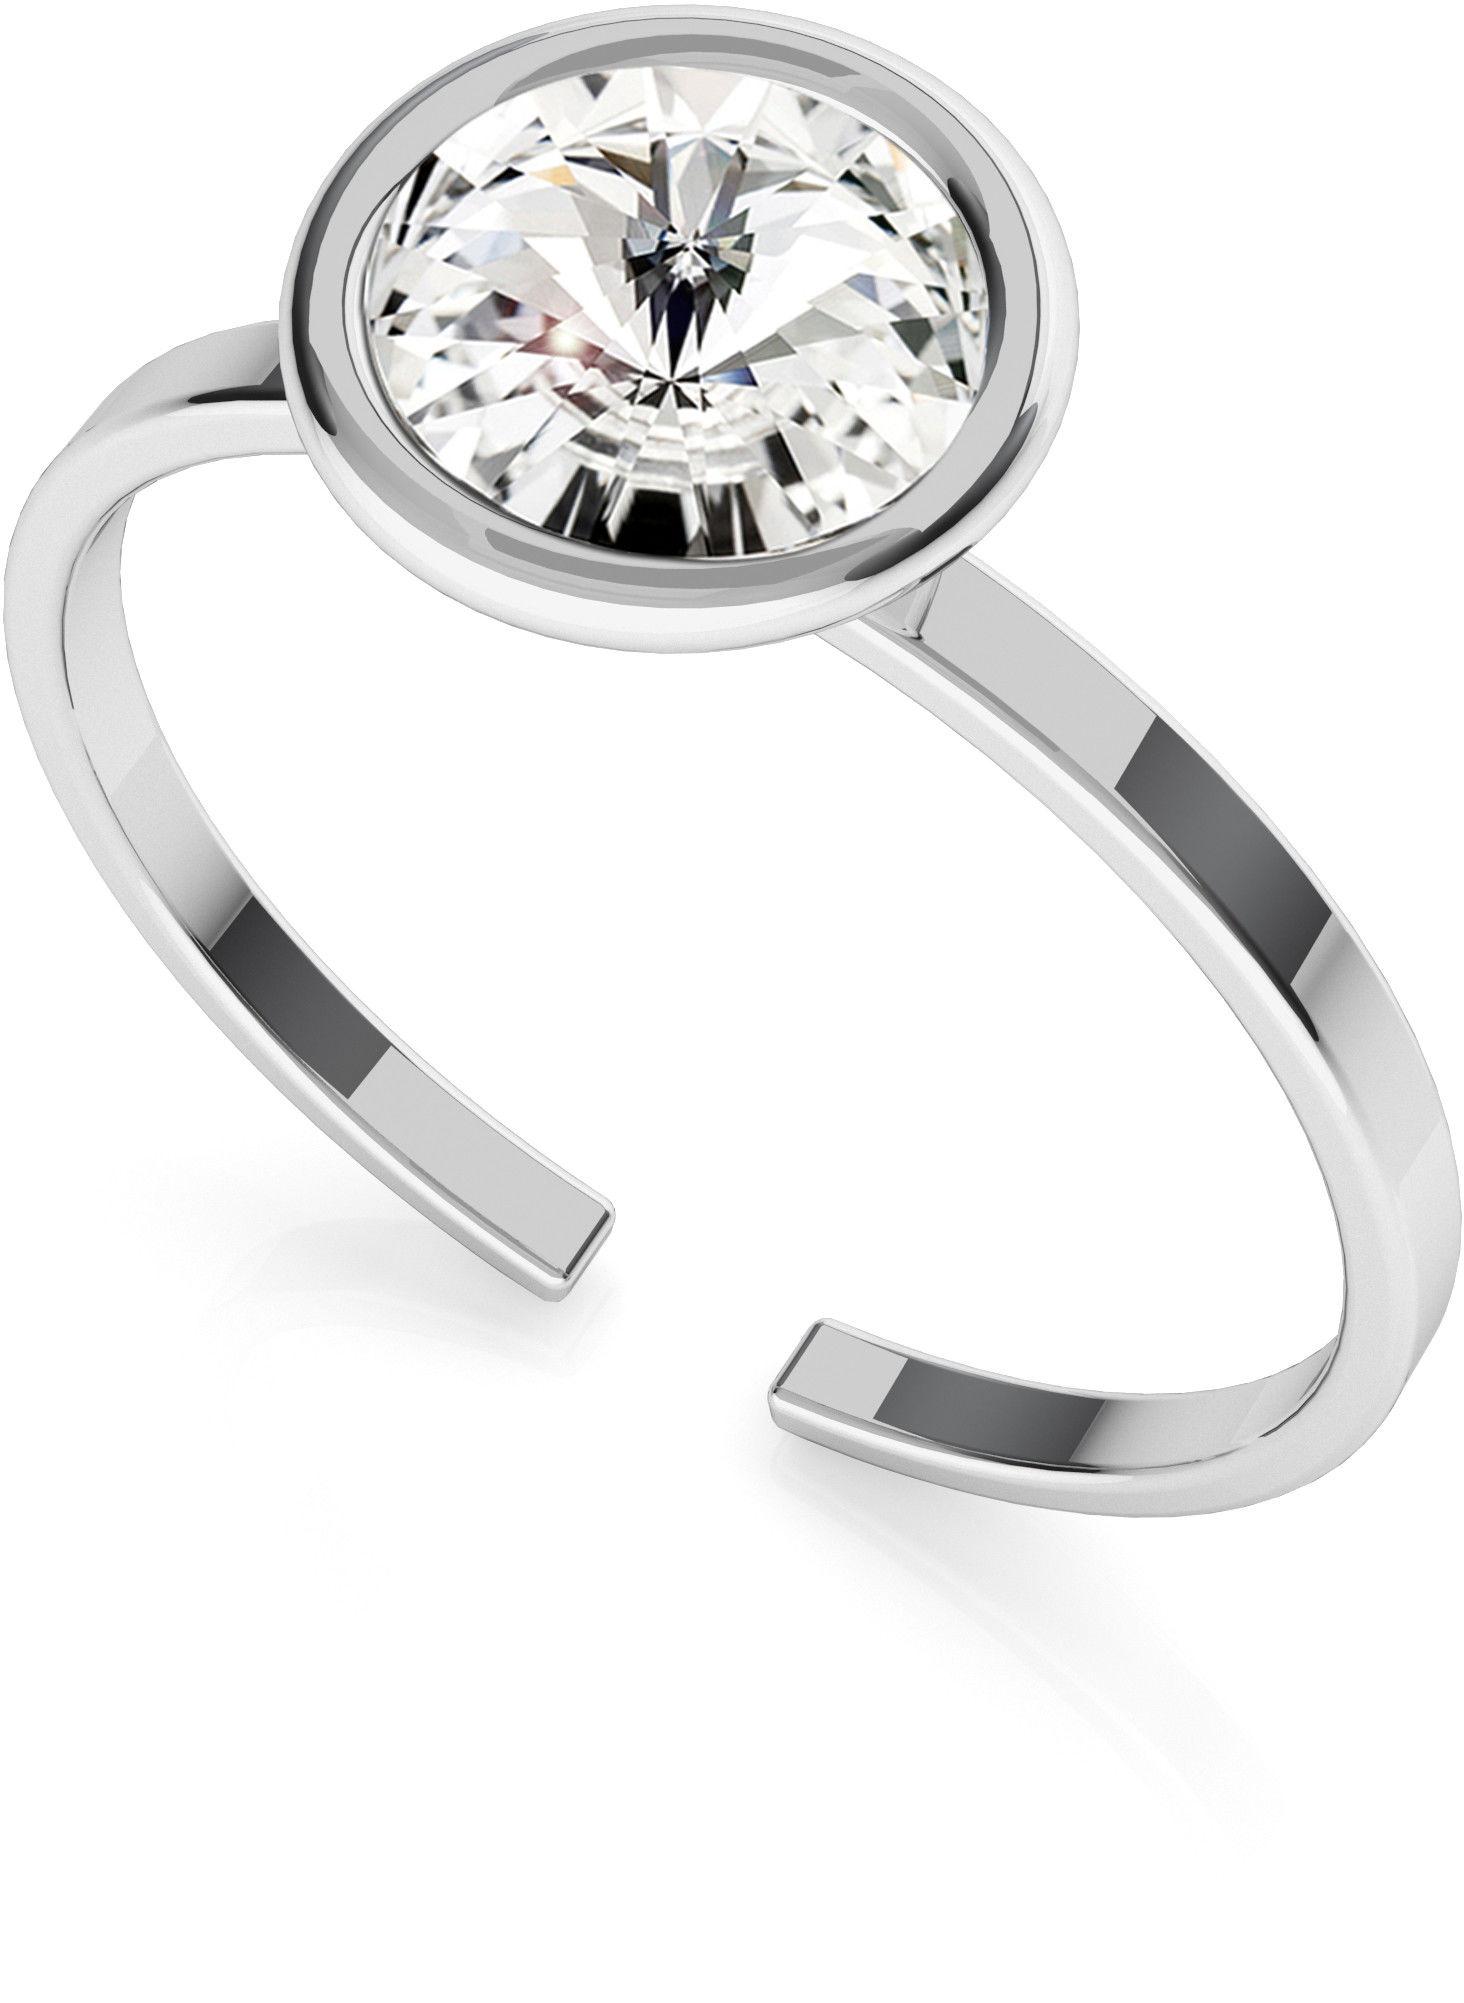 Srebrny pierścionek z kryształem Rivoli My RING, srebro 925 : Srebro - kolor pokrycia - Pokrycie platyną, SWAROVSKI - kolor kryształu - Crystal